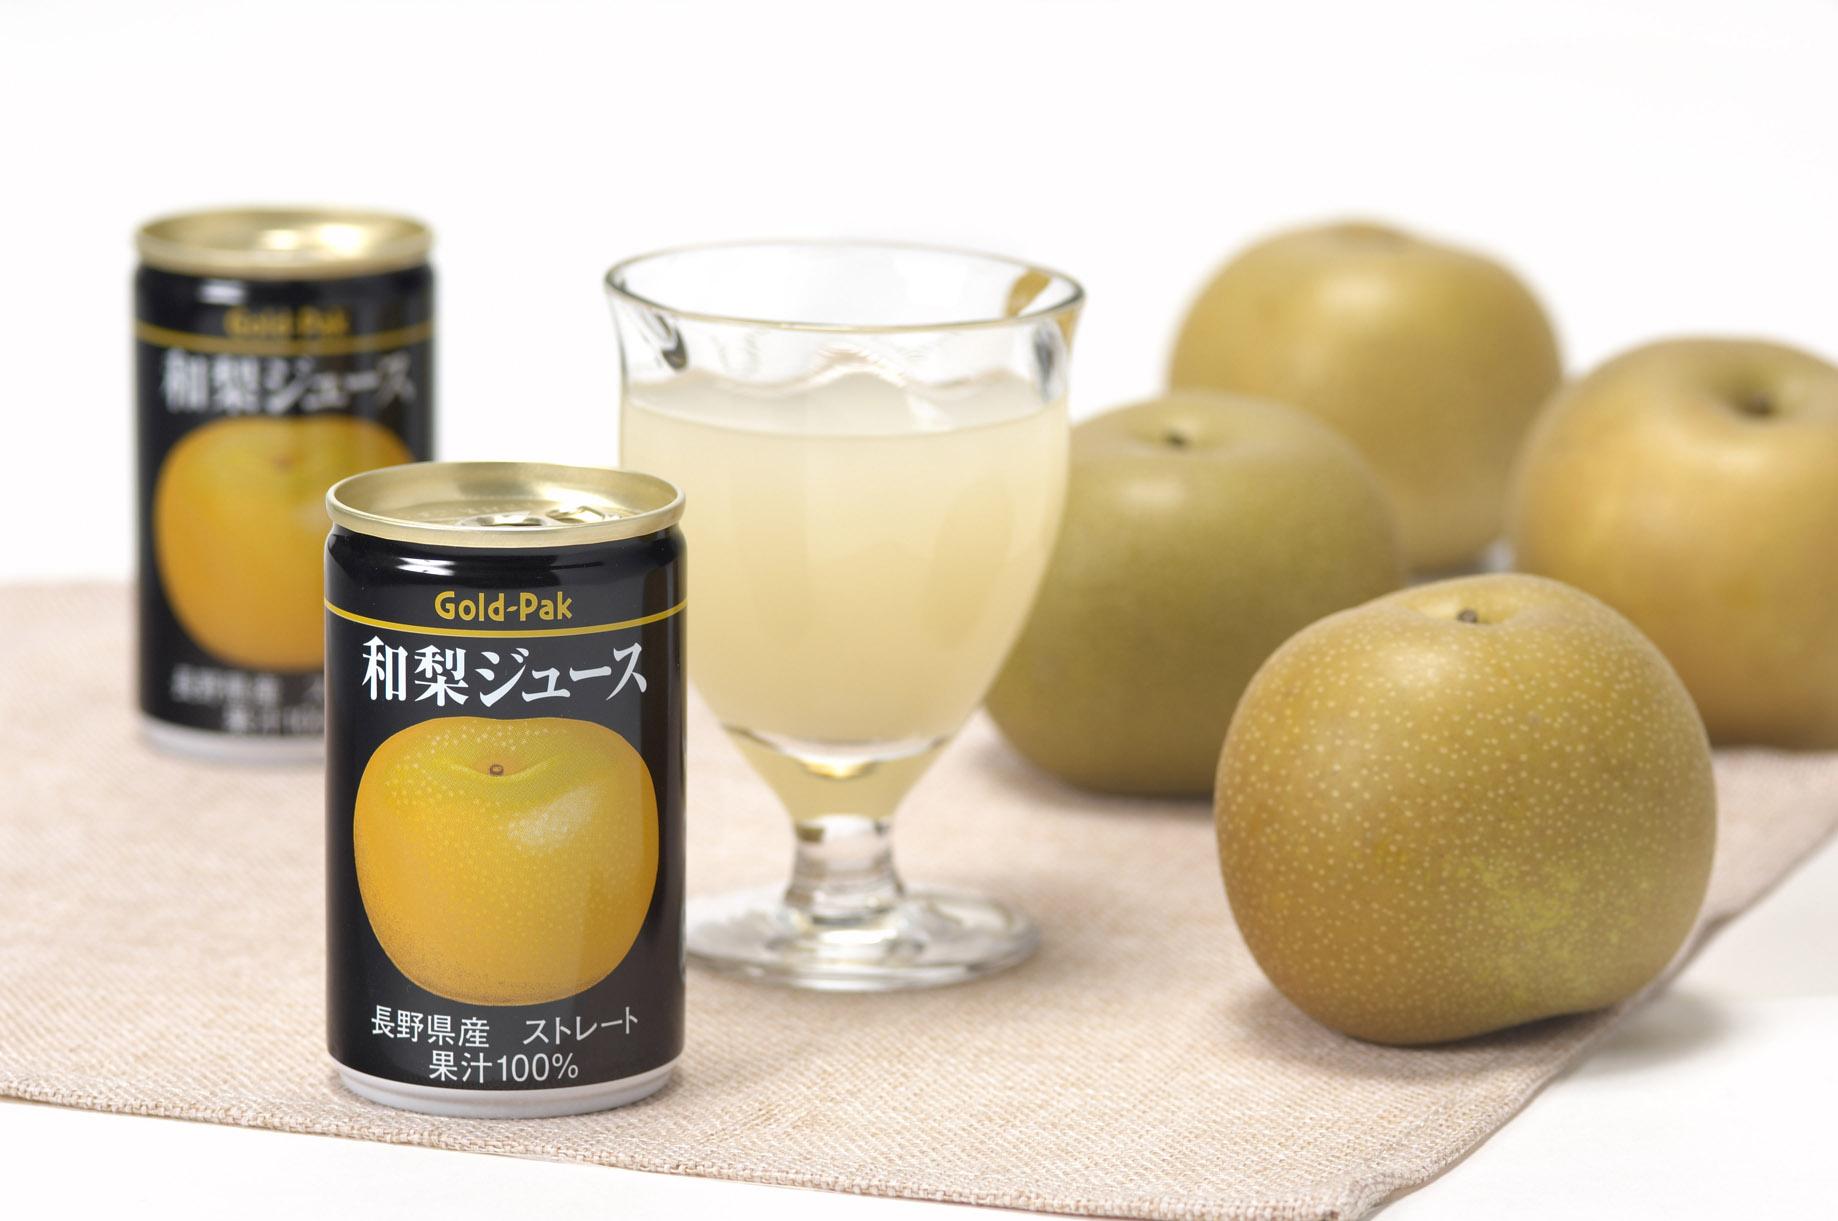 和梨ジュース(ストレート)160g×20缶入